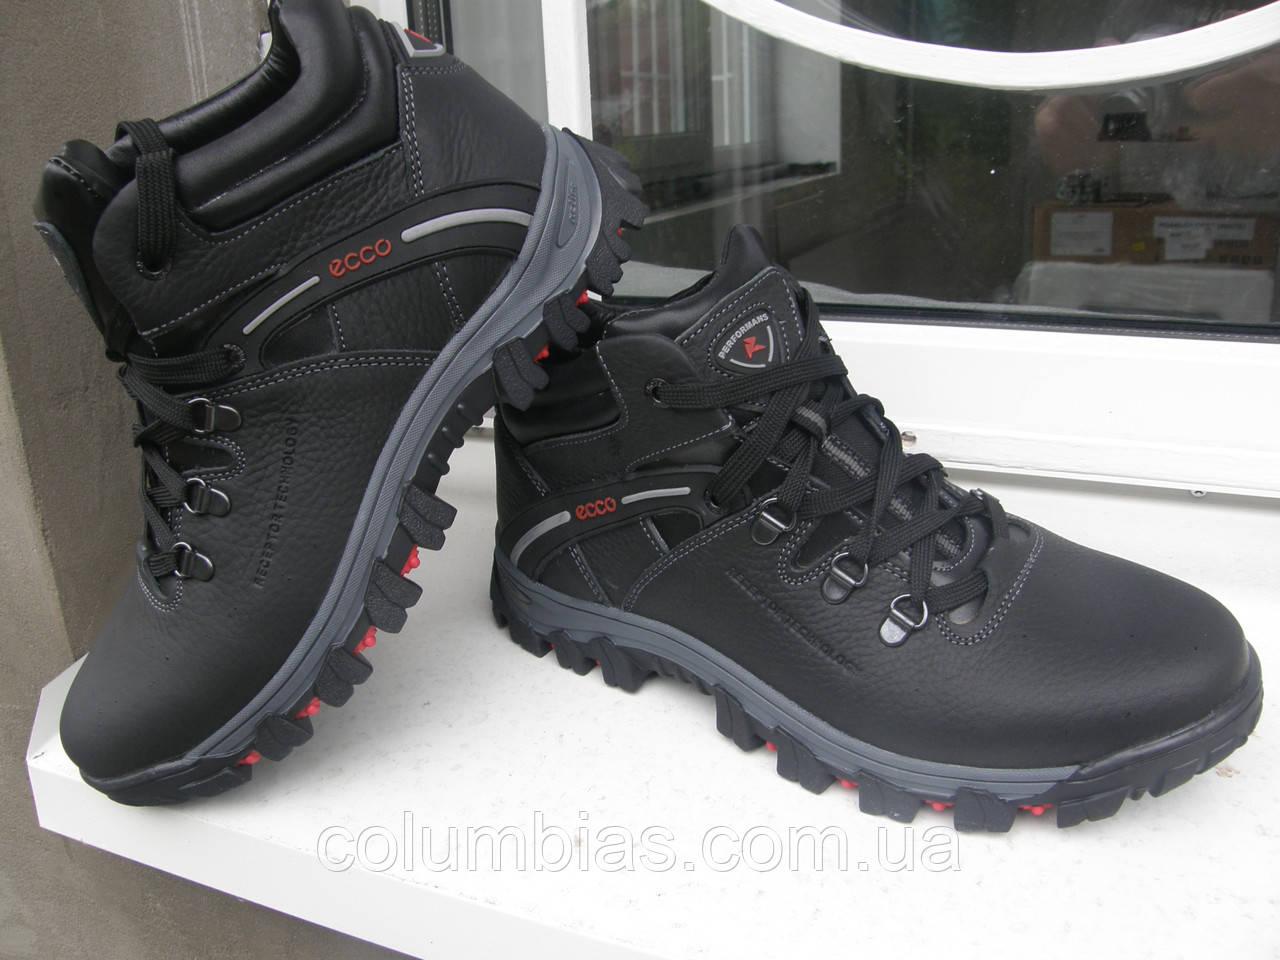 825cf656e1ea Ботинки зимние Ecco  продажа, цена в Днепропетровской области ...